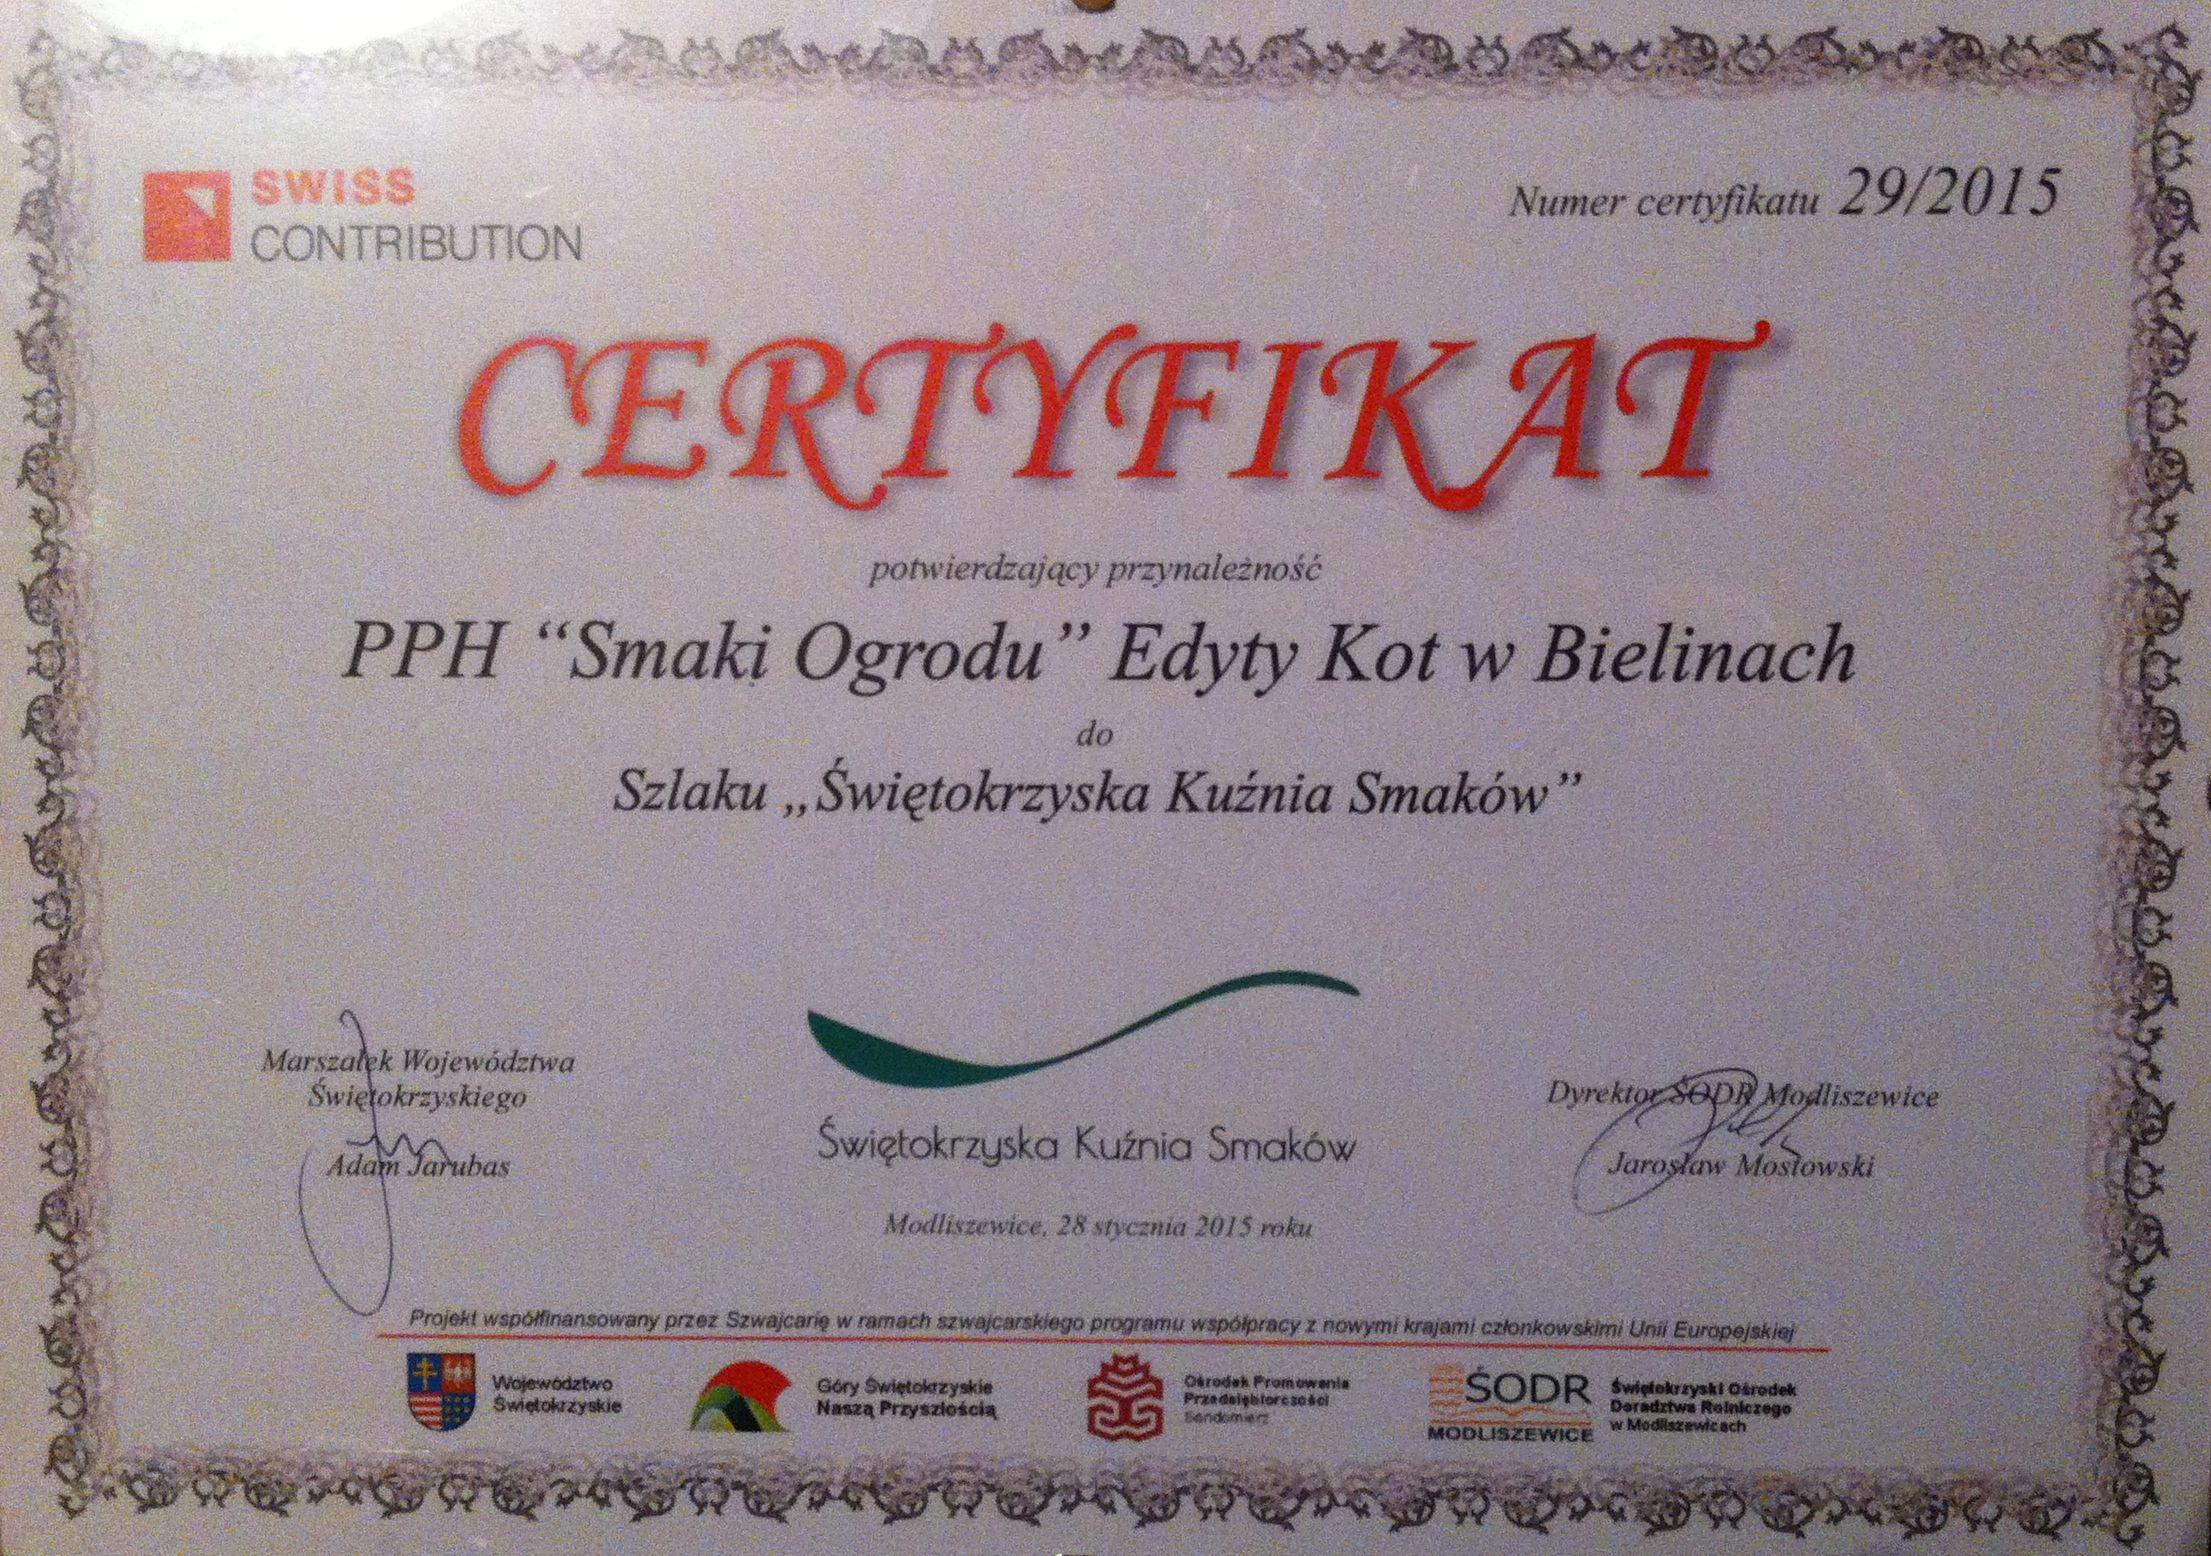 """Certyfikat przynależności do Szlaku """"Świętokrzyskiej Kuźni Smaków""""."""